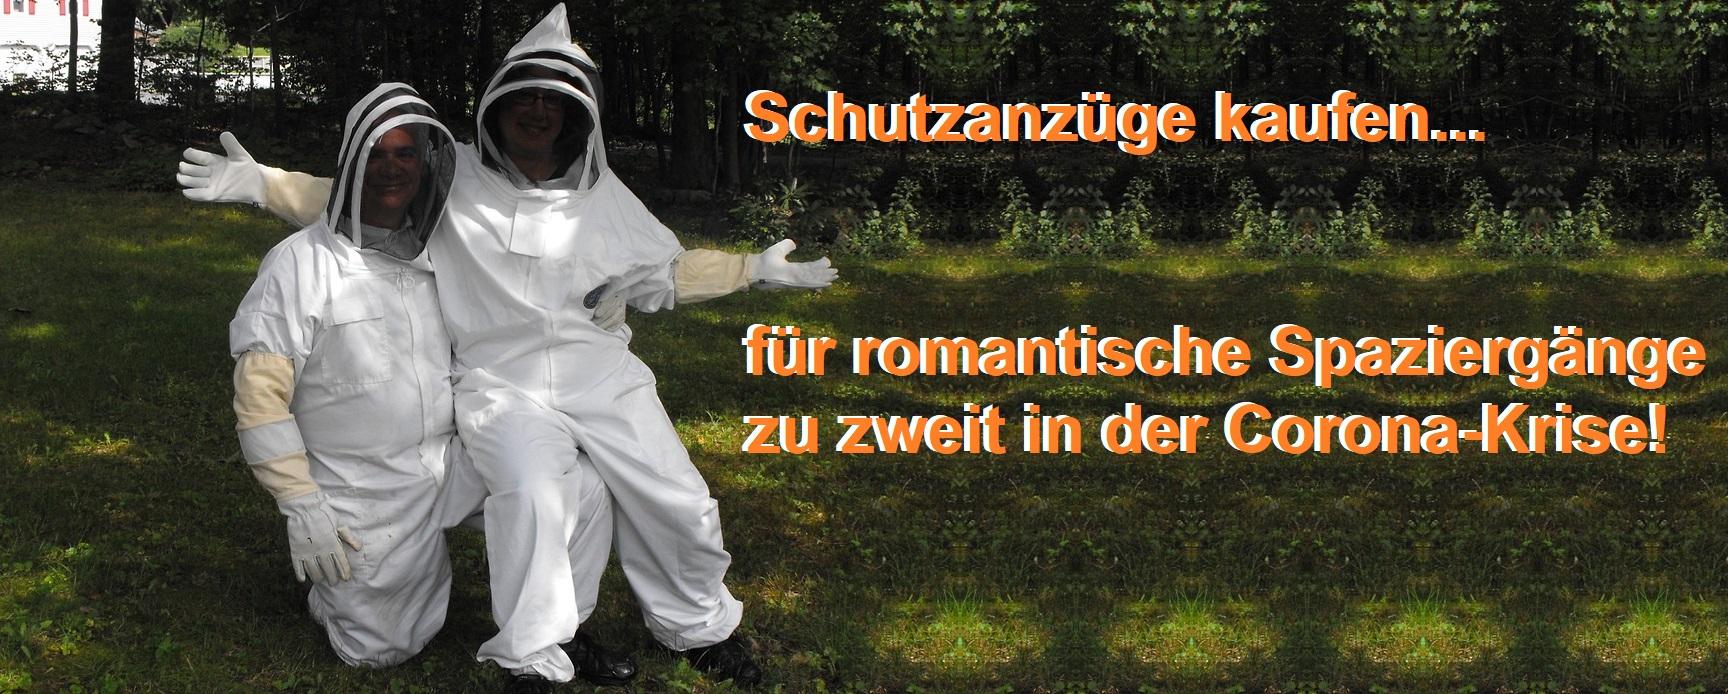 Schutzanzüge kaufen für romantische Spaziergänge zu zweit in der Corona-Krise! Schutzanzug Online bestellen!